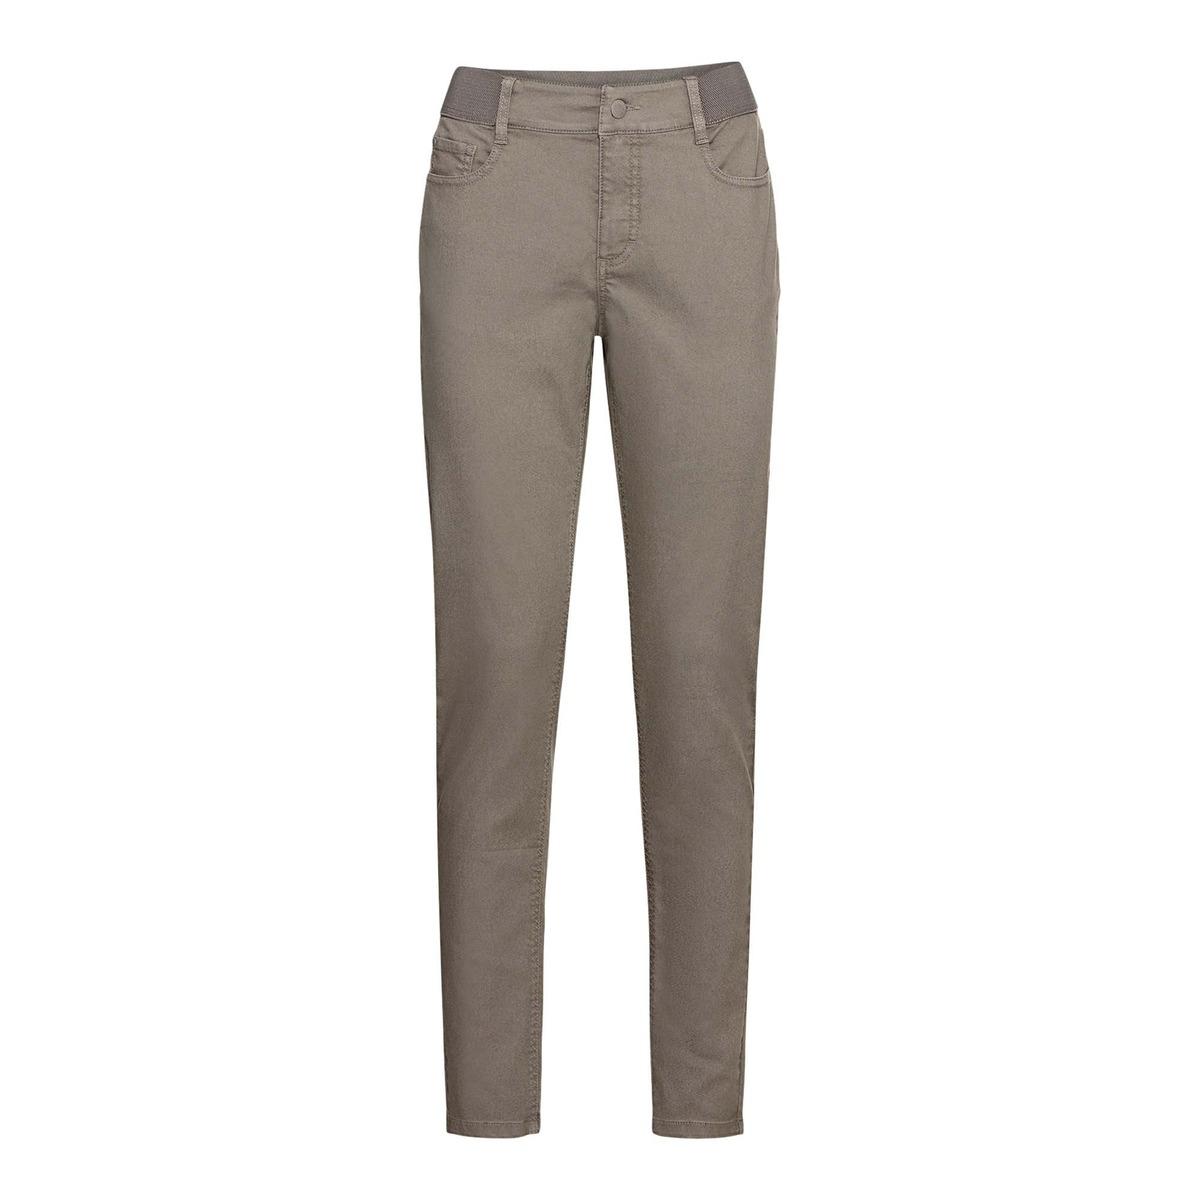 Bild 1 von Damen-Jeans mit elastischem Bund